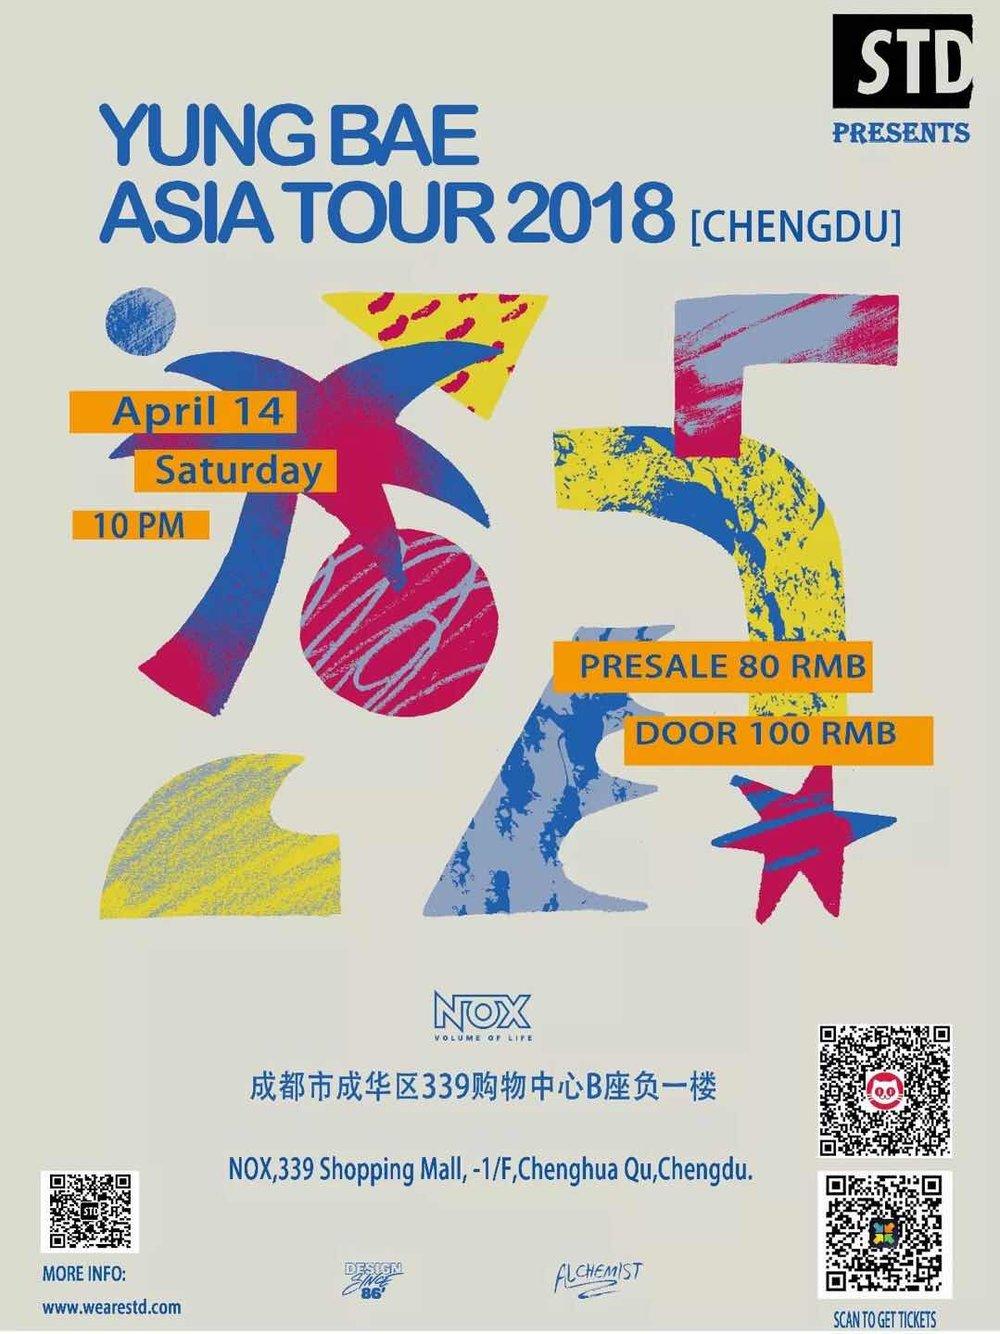 yung bae poster.jpg